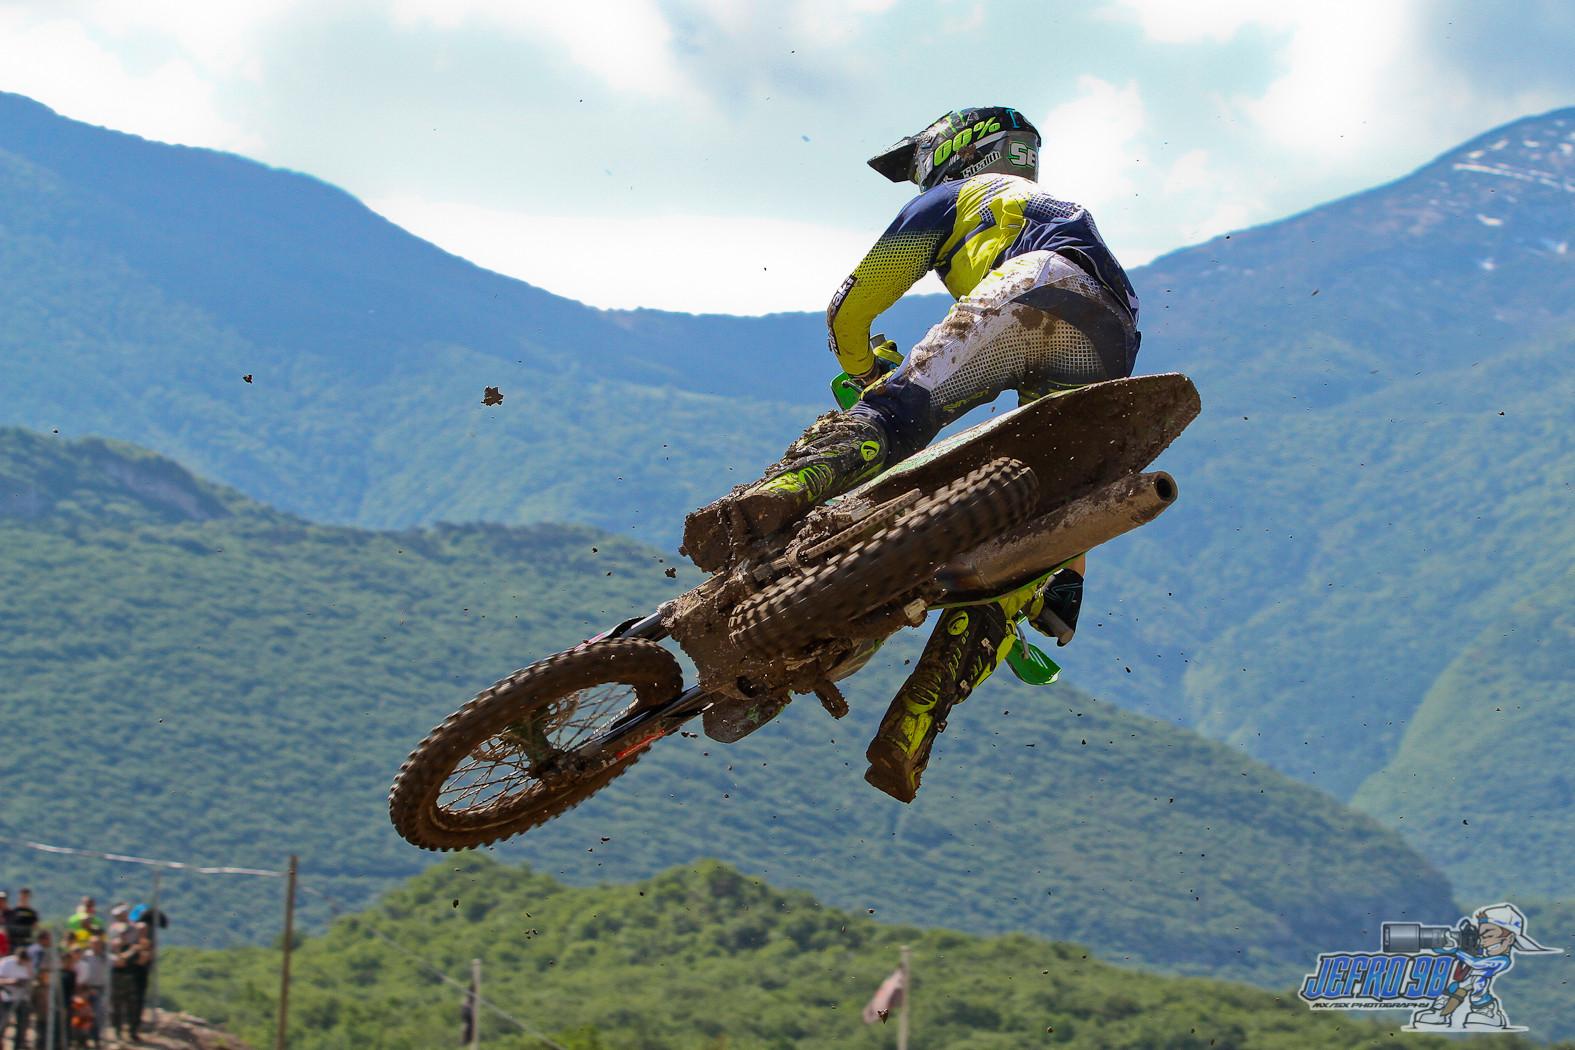 Vsevolod Brylyakov - Photo Gallery: MXGP of Trentino, Italy - Motocross Pictures - Vital MX